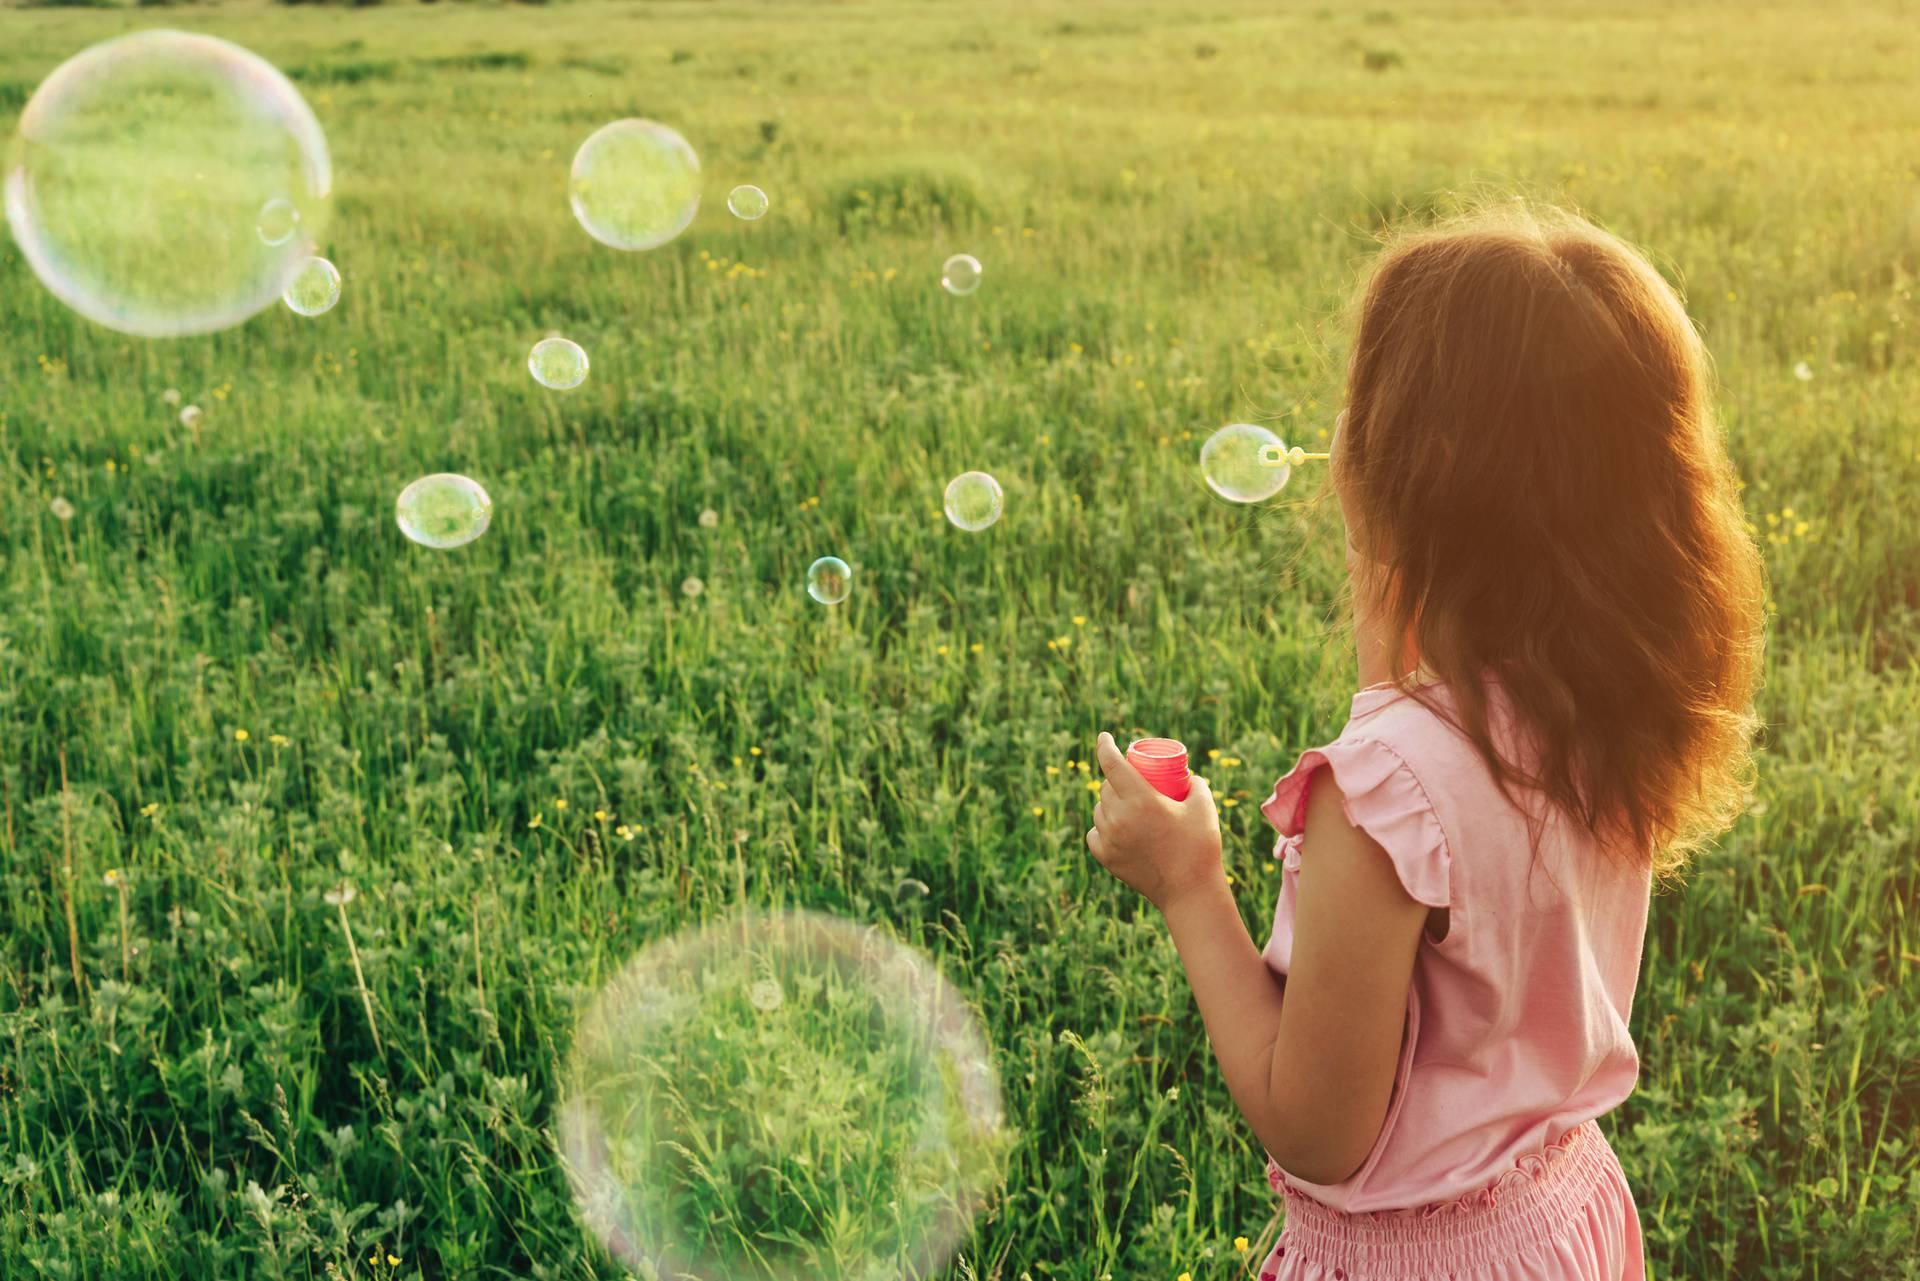 Mjehurići sapunice prekriveni peludom mogli bi pomoći kod oprašivanja biljaka i cvijeća